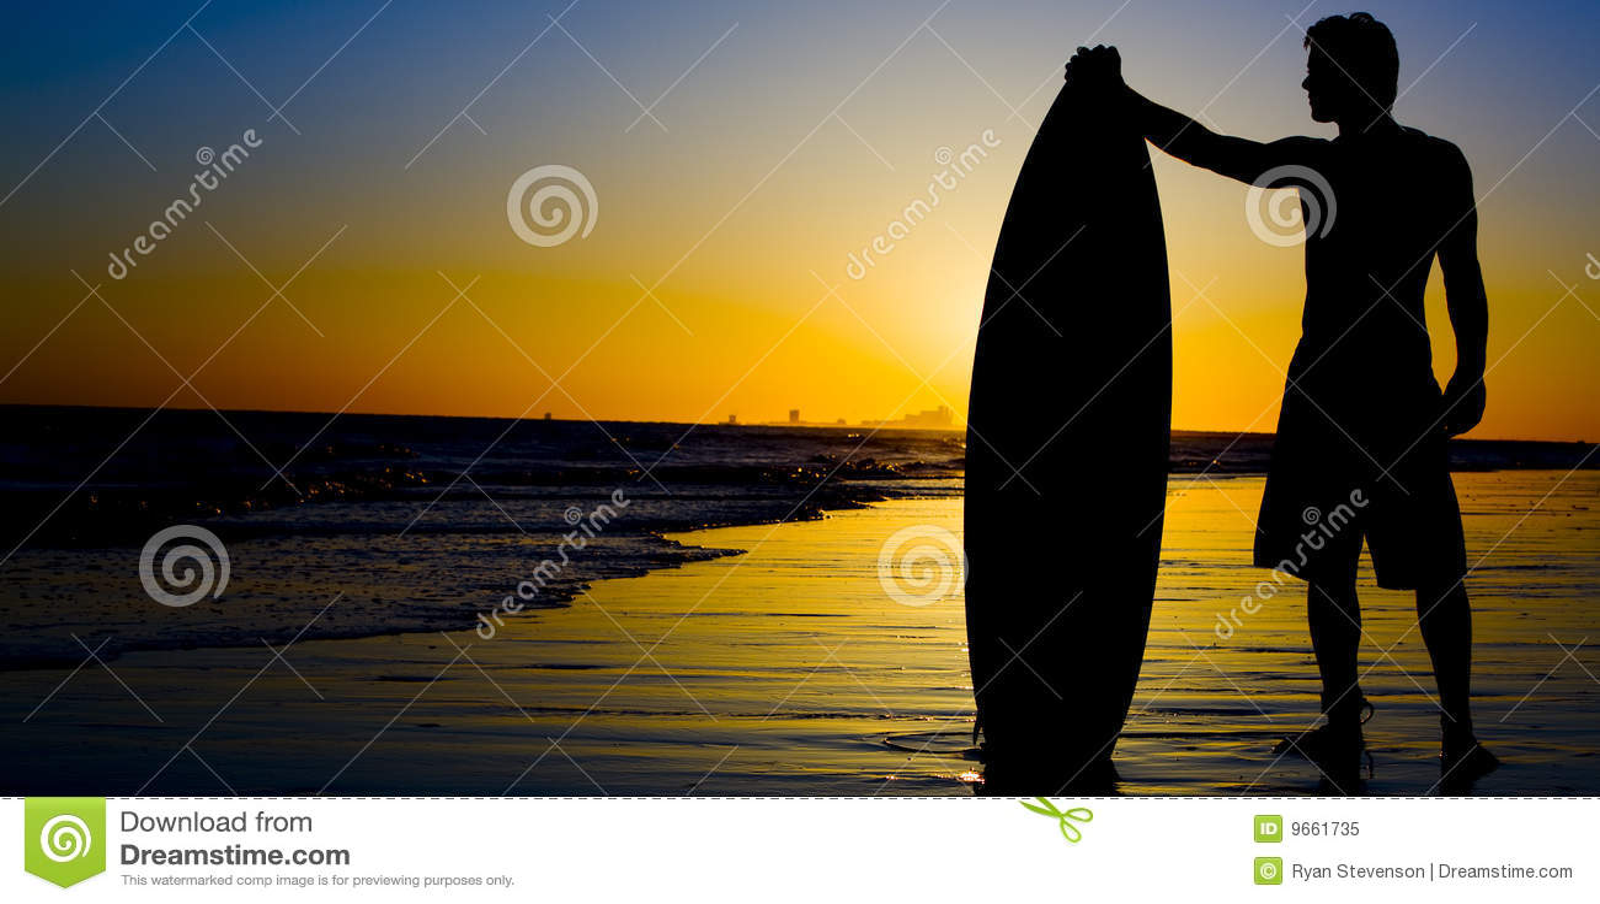 Puesta del sol de la persona que practica surf